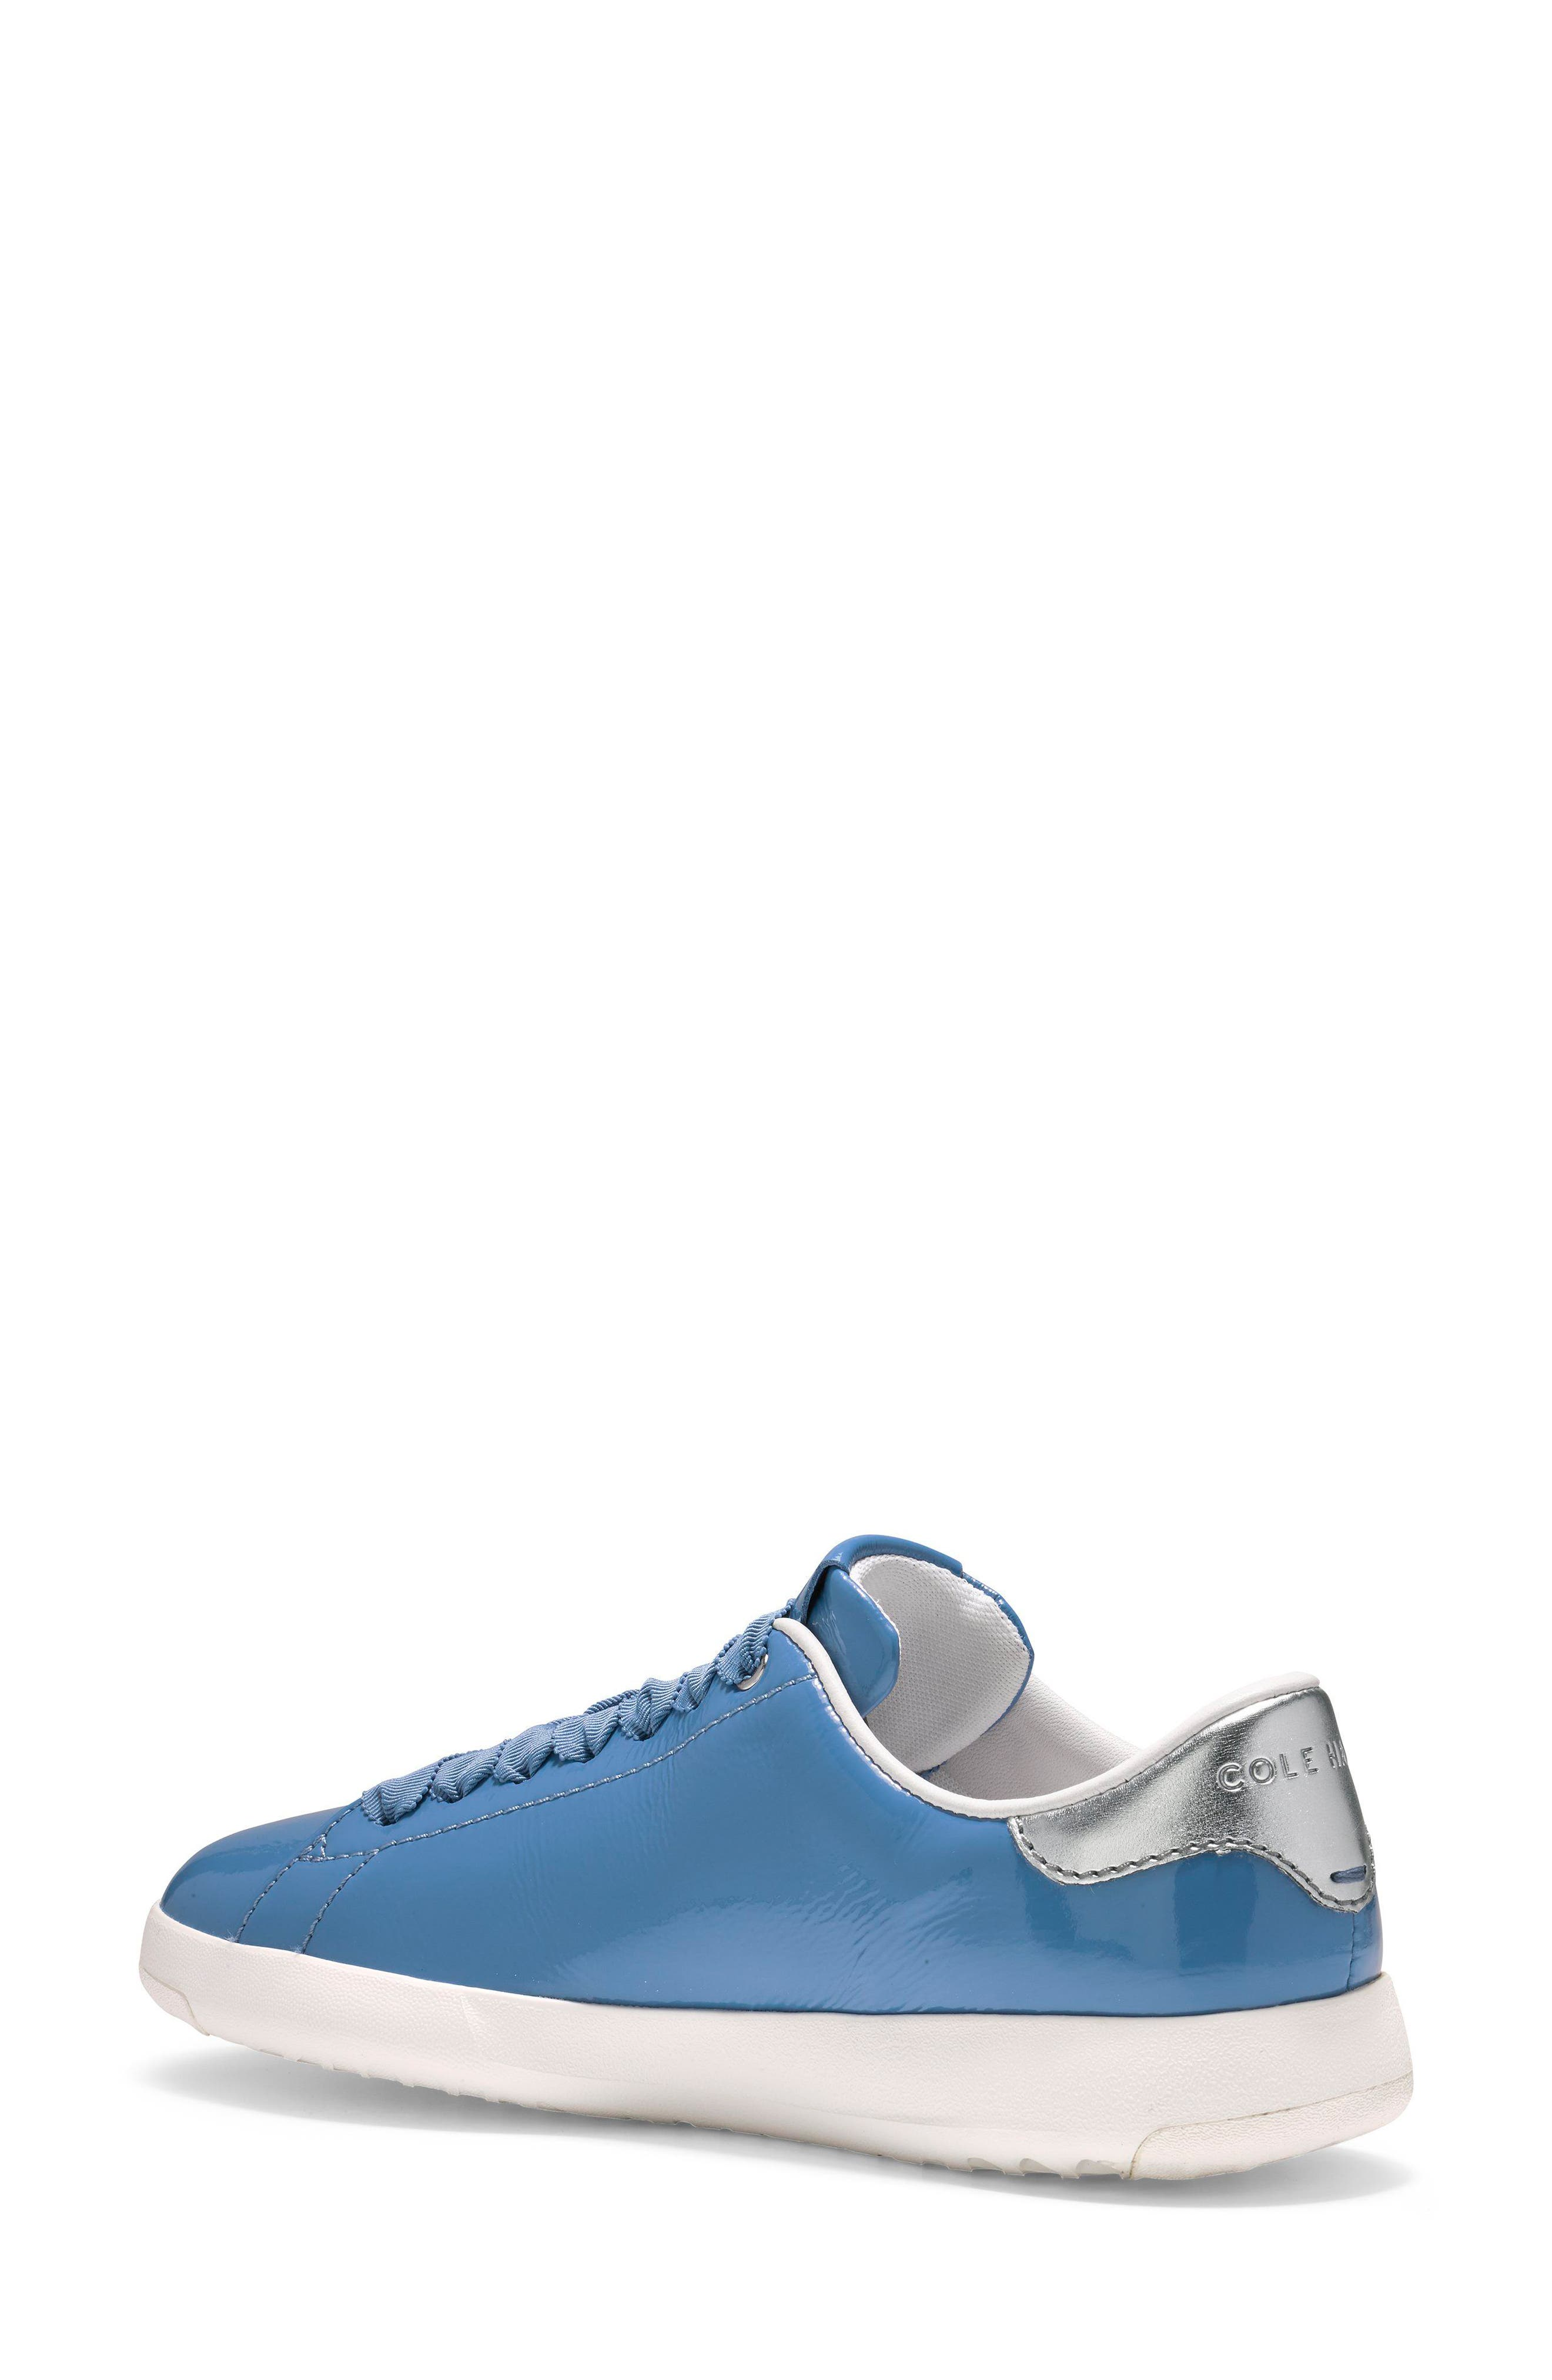 Alternate Image 2  - Cole Haan Grandpro Tennis Shoe (Women)